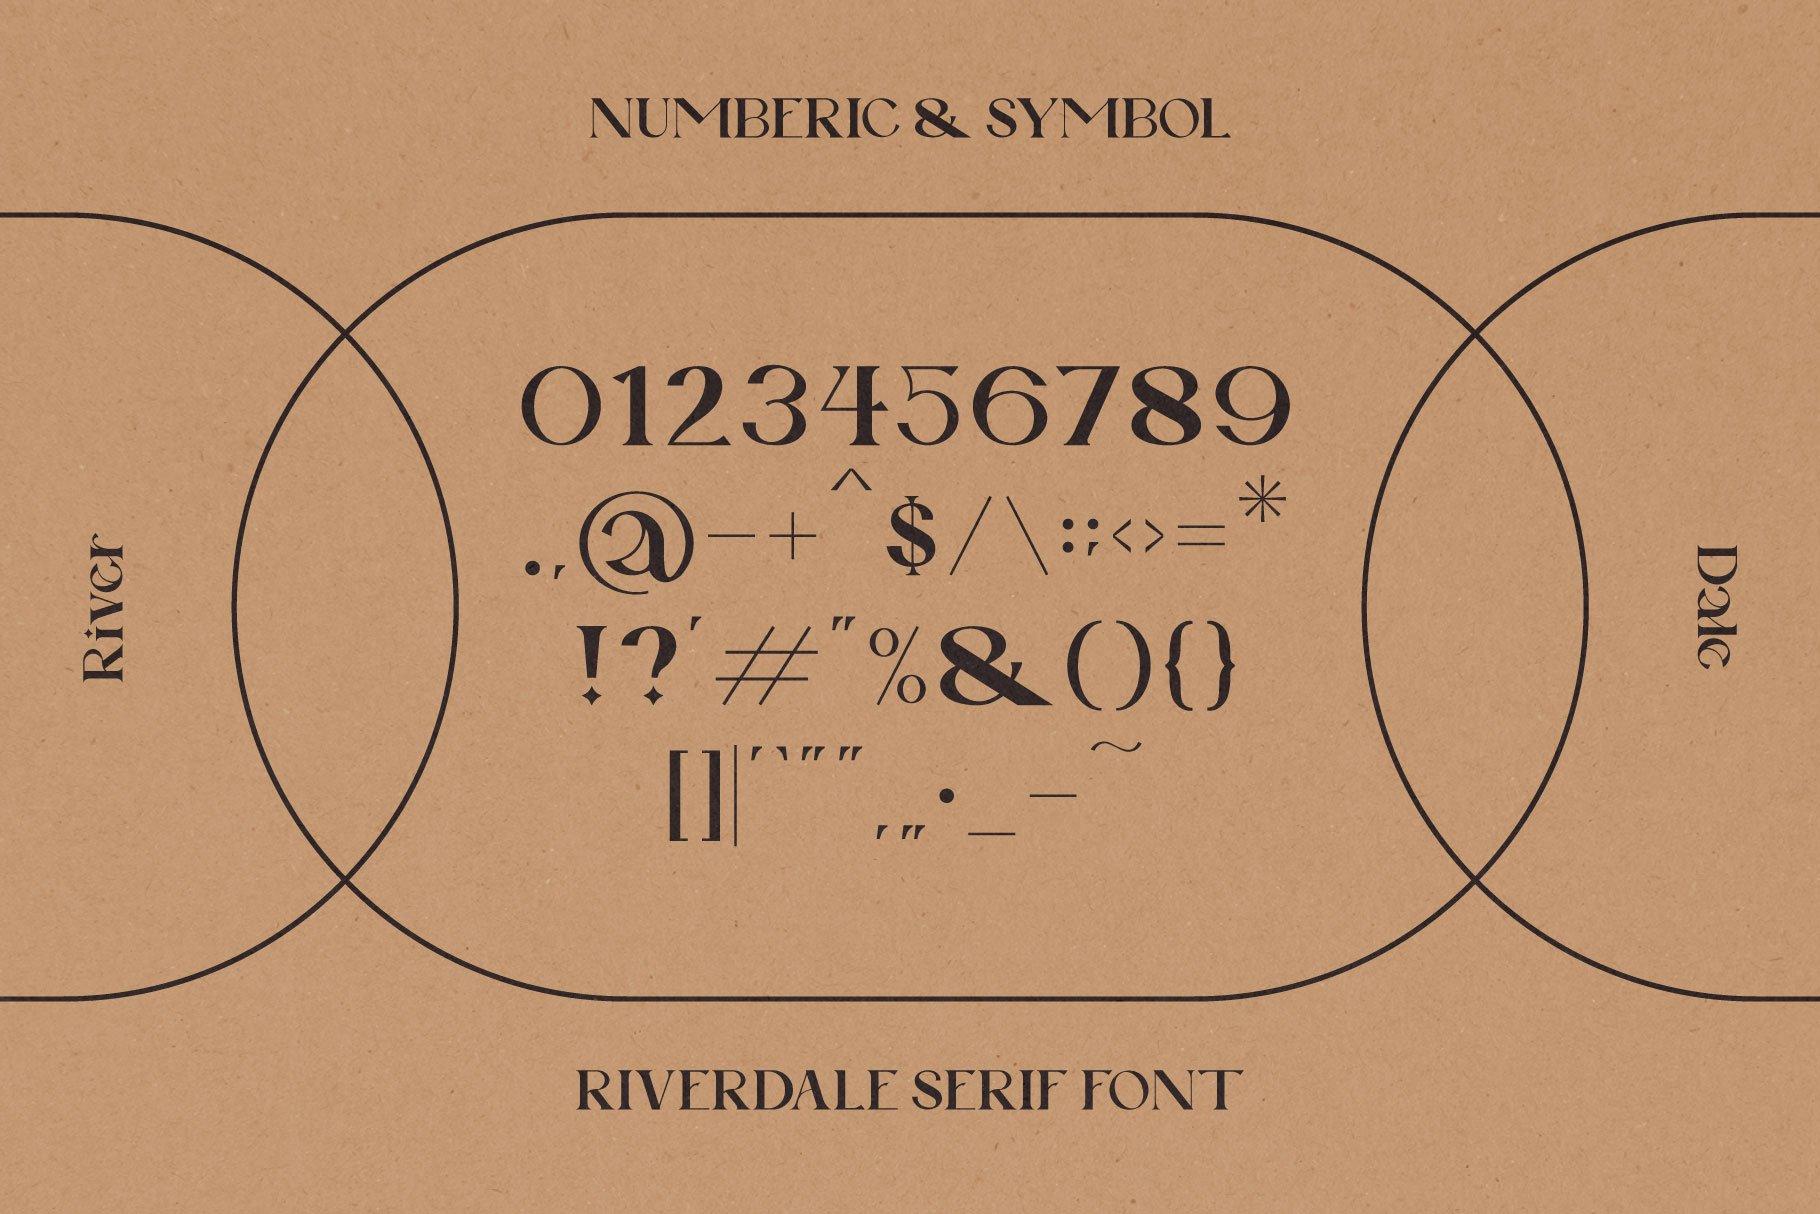 时尚优雅品牌Logo海报标题设计衬线英文字体素材 Riverdale Serif Font插图12